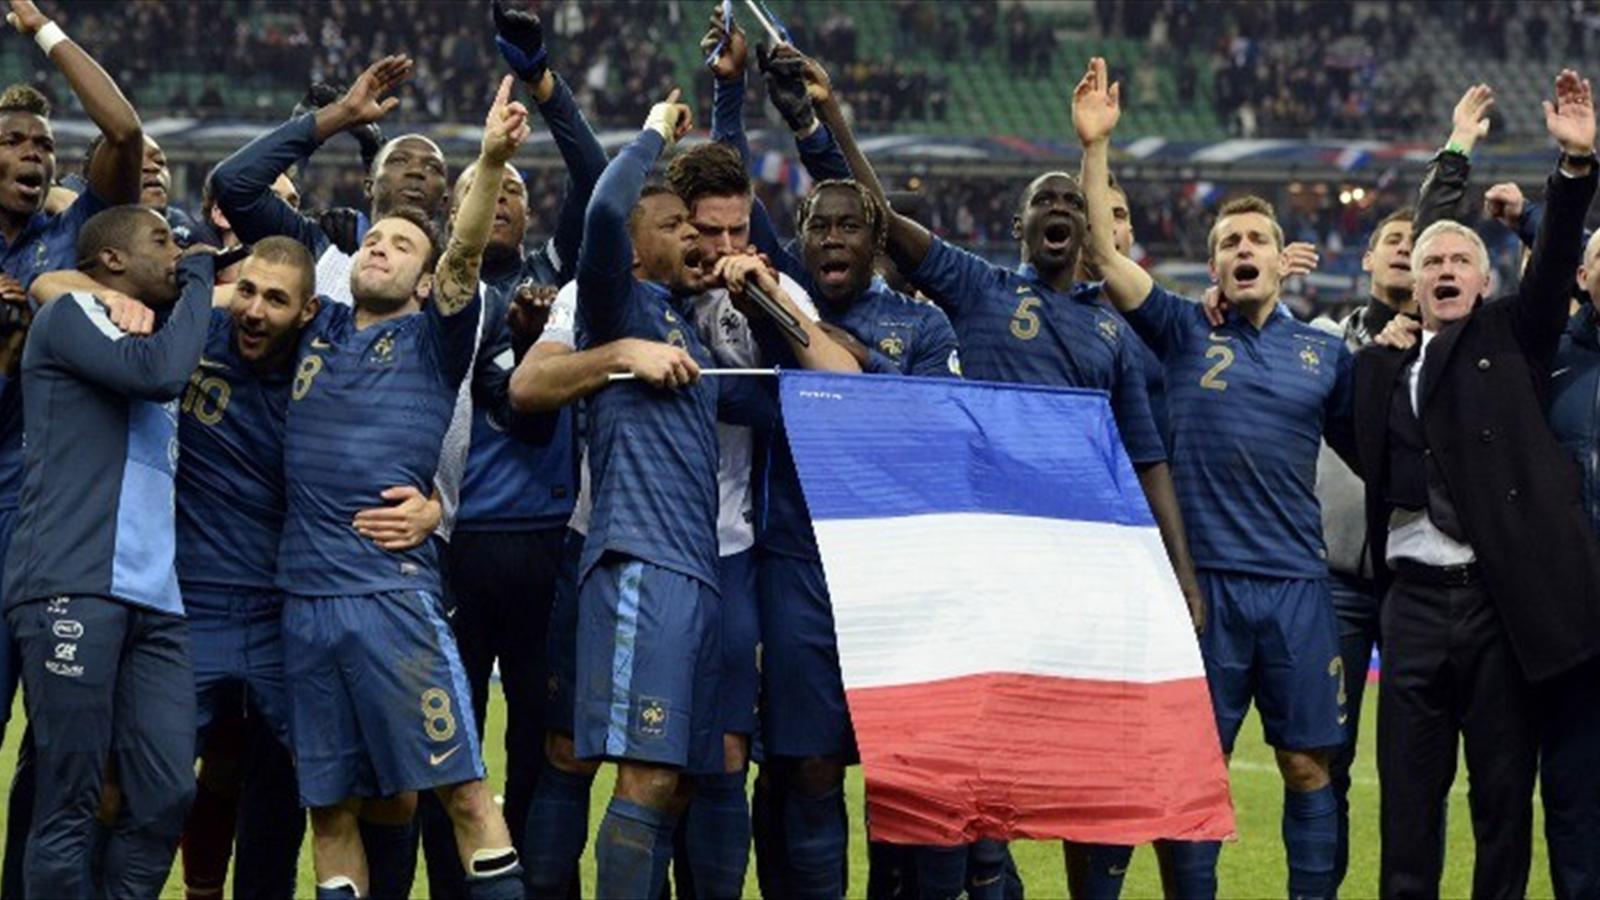 La france qualifi e pour la coupe du monde 2014 apr s - Qualification coupe de monde afrique ...